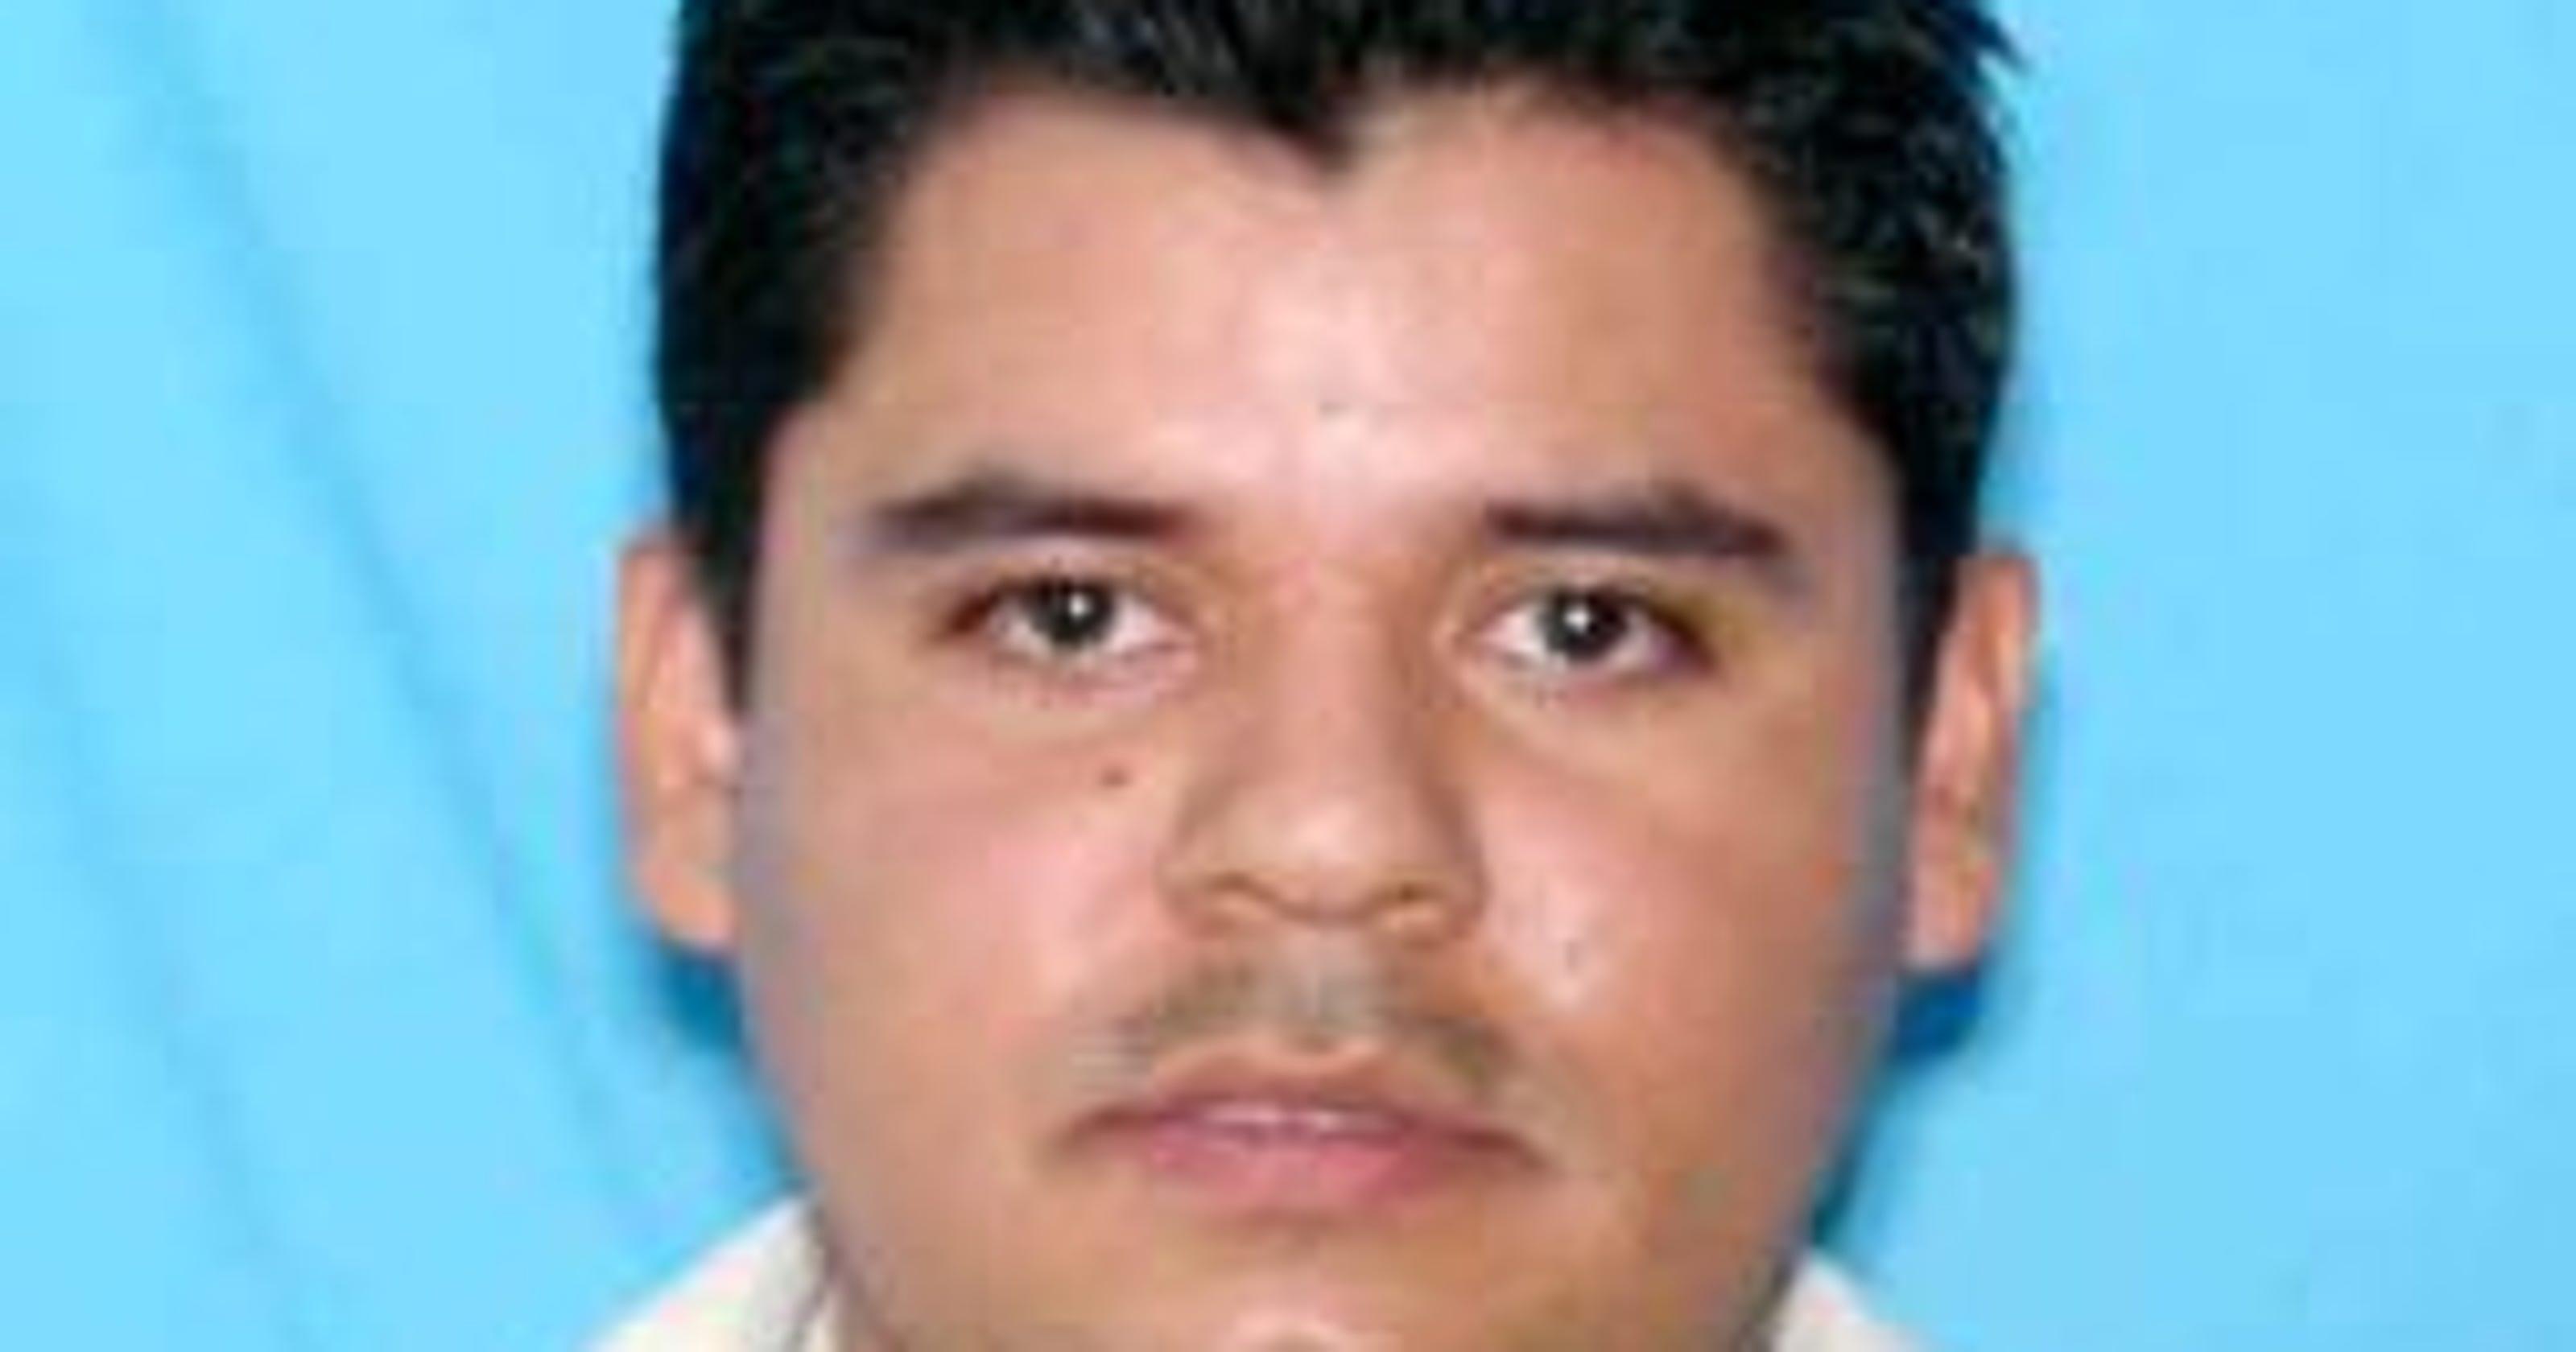 Red Bluff police arrest man just hours after Oregon murder